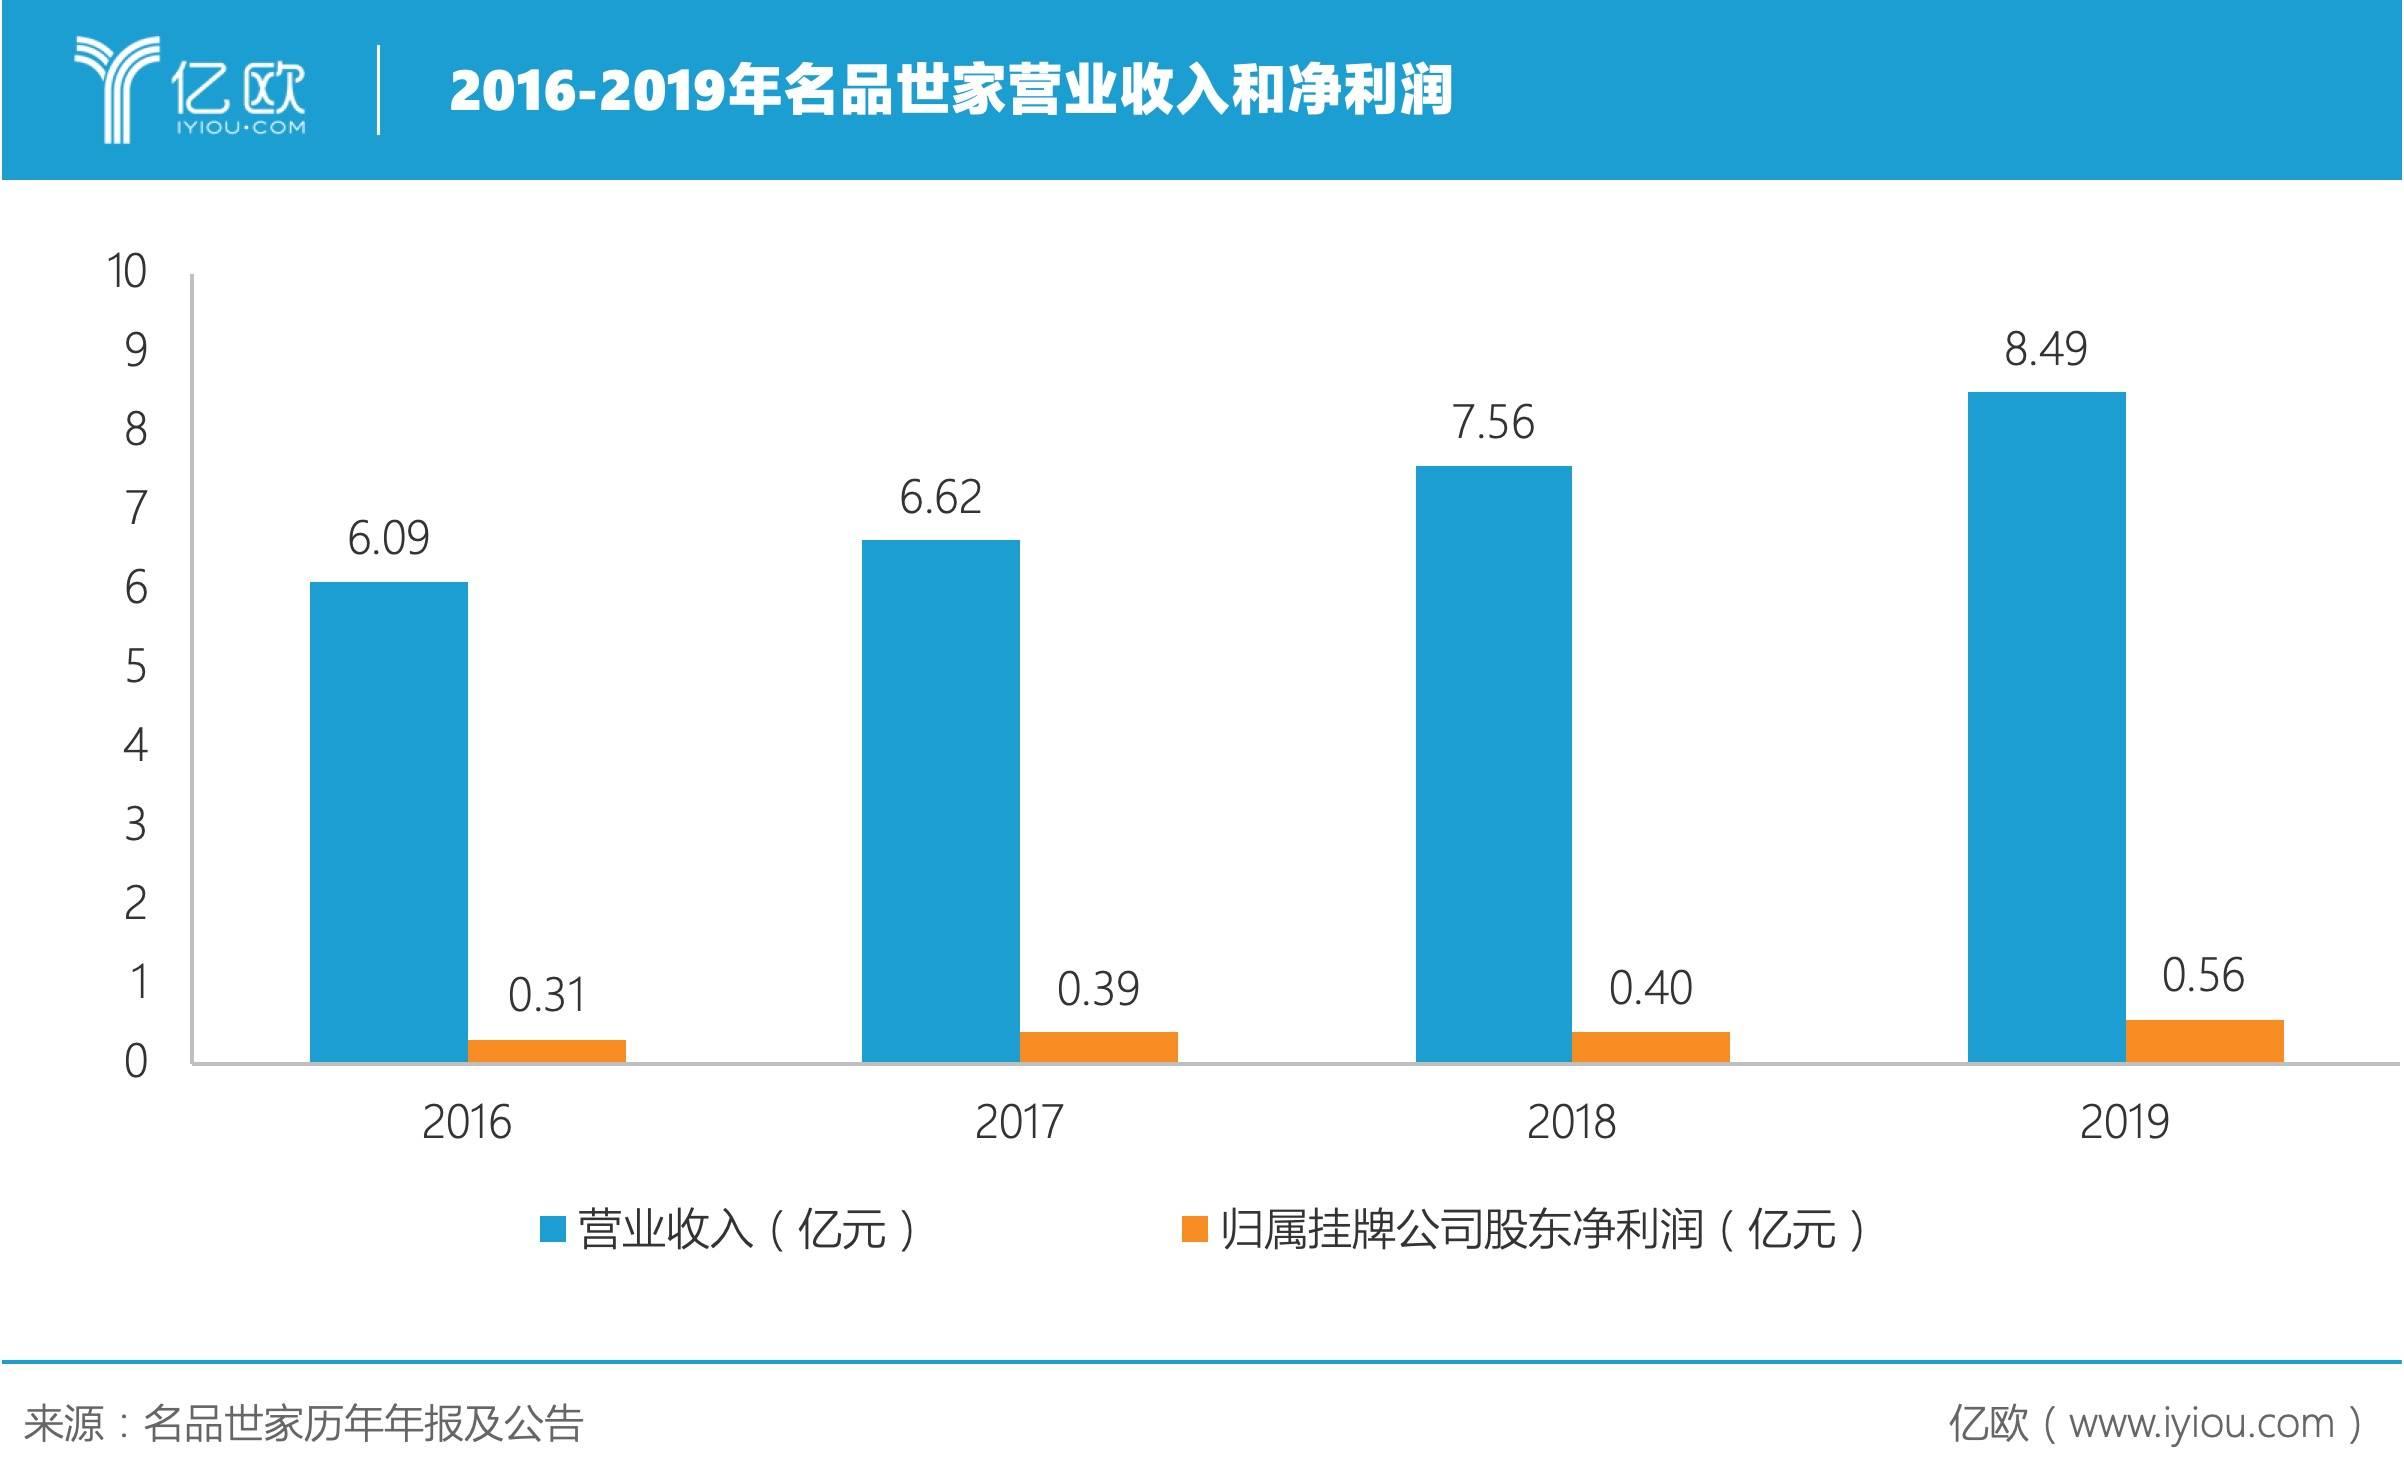 2016-2019年名品世家营业收入和净利润.jpeg.jpeg